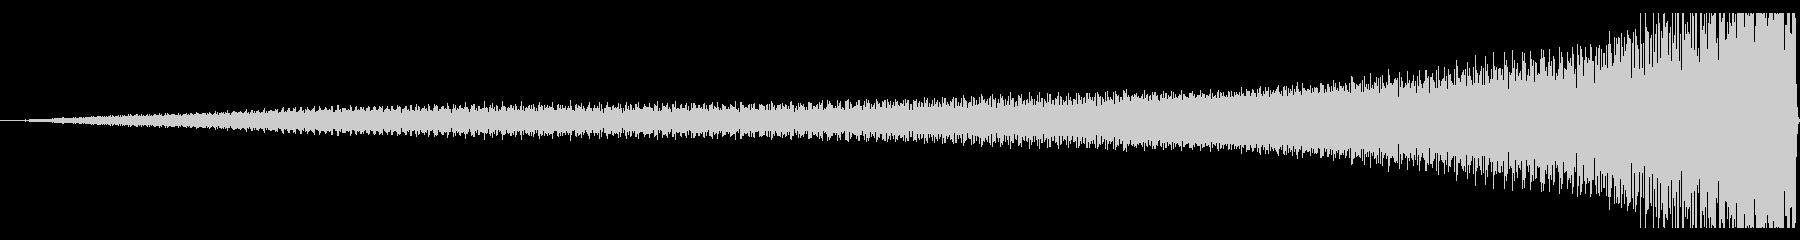 【迫る音】ピアノのリバース音の未再生の波形